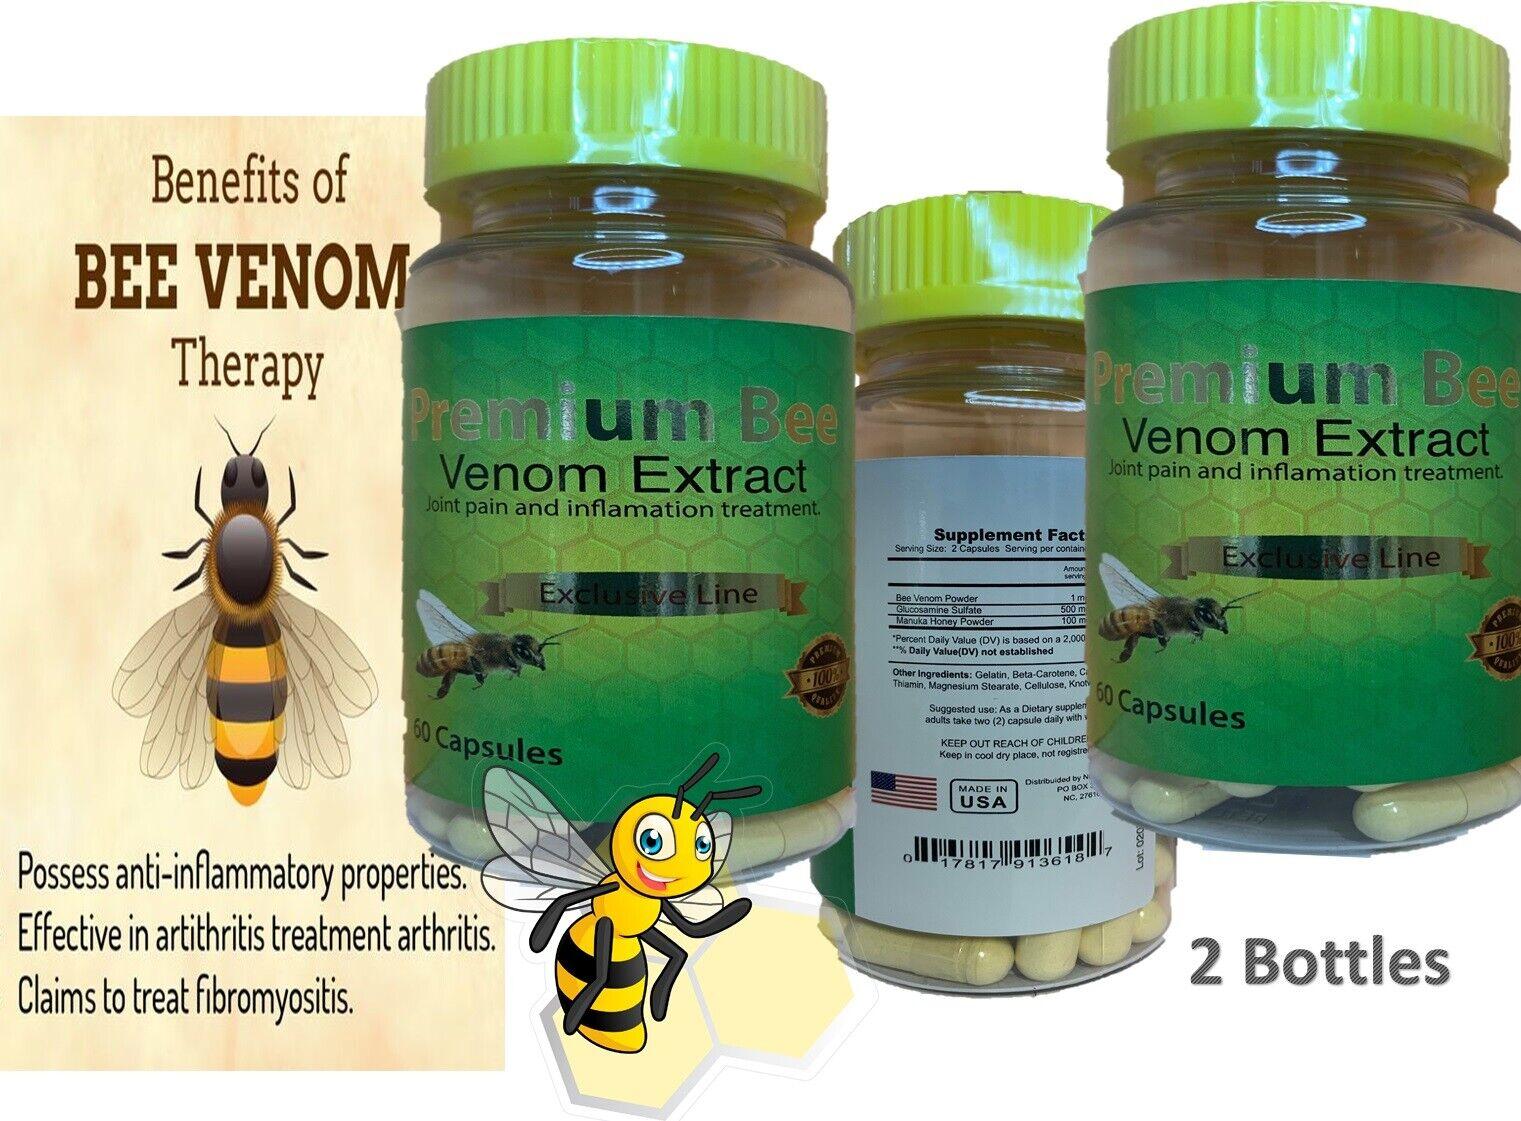 Premium 2 Bee BIOBEE inflamatory Arthritis Pain abeemed therapy Venom veneno bee 3